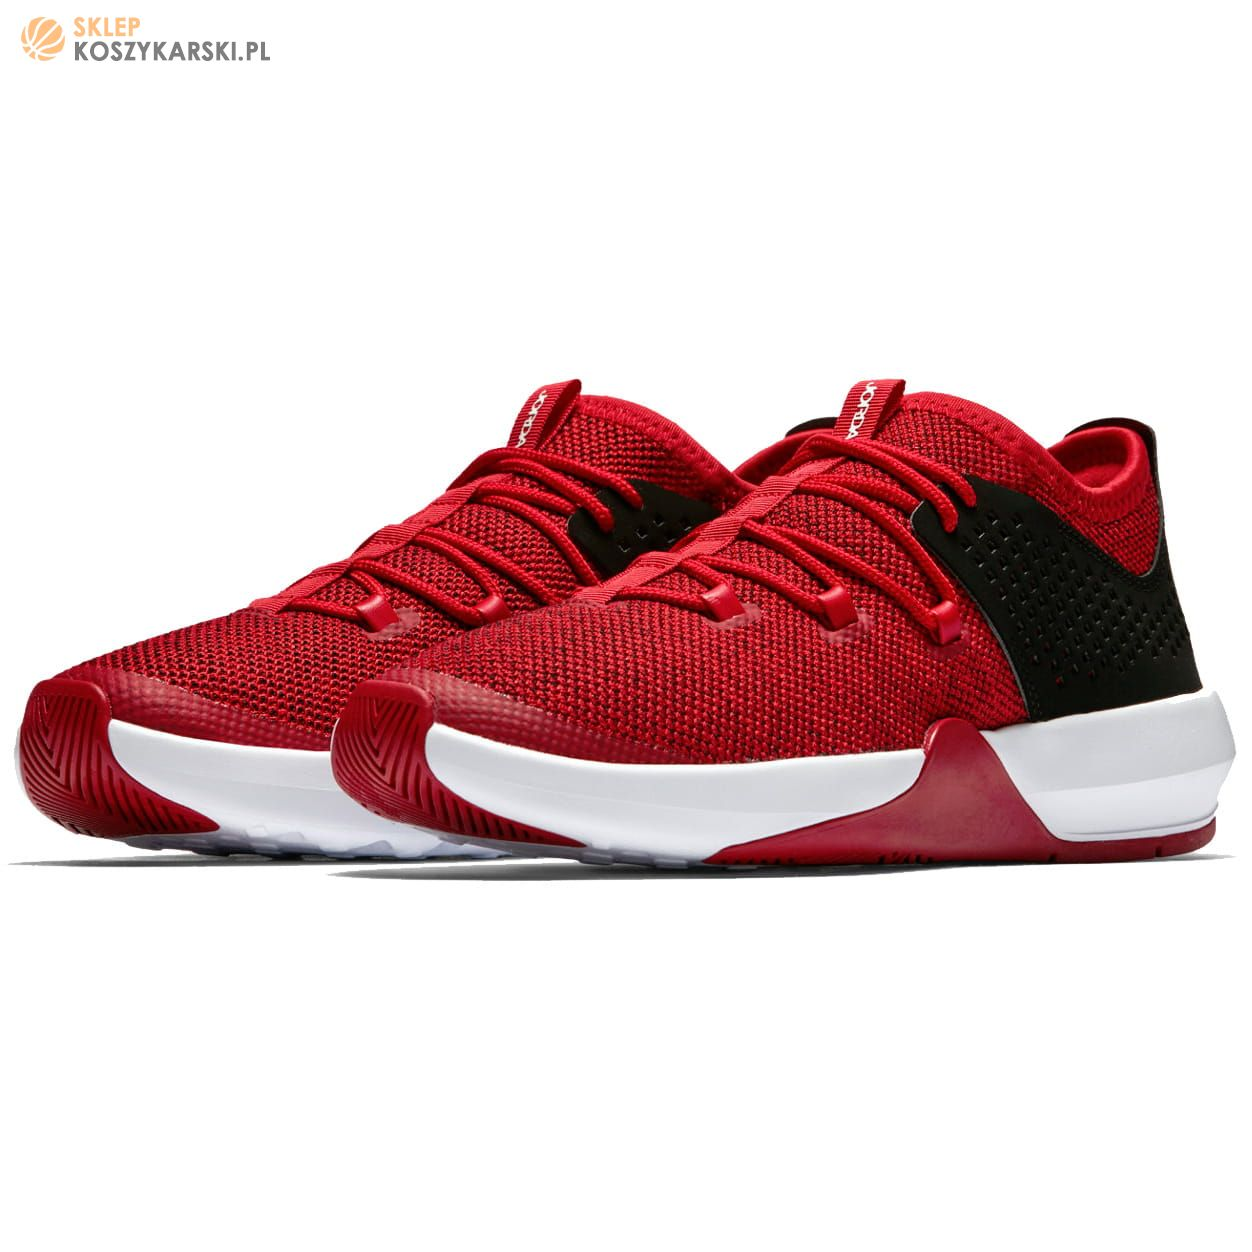 Buty do koszykówki Jordan Express (897988 601)